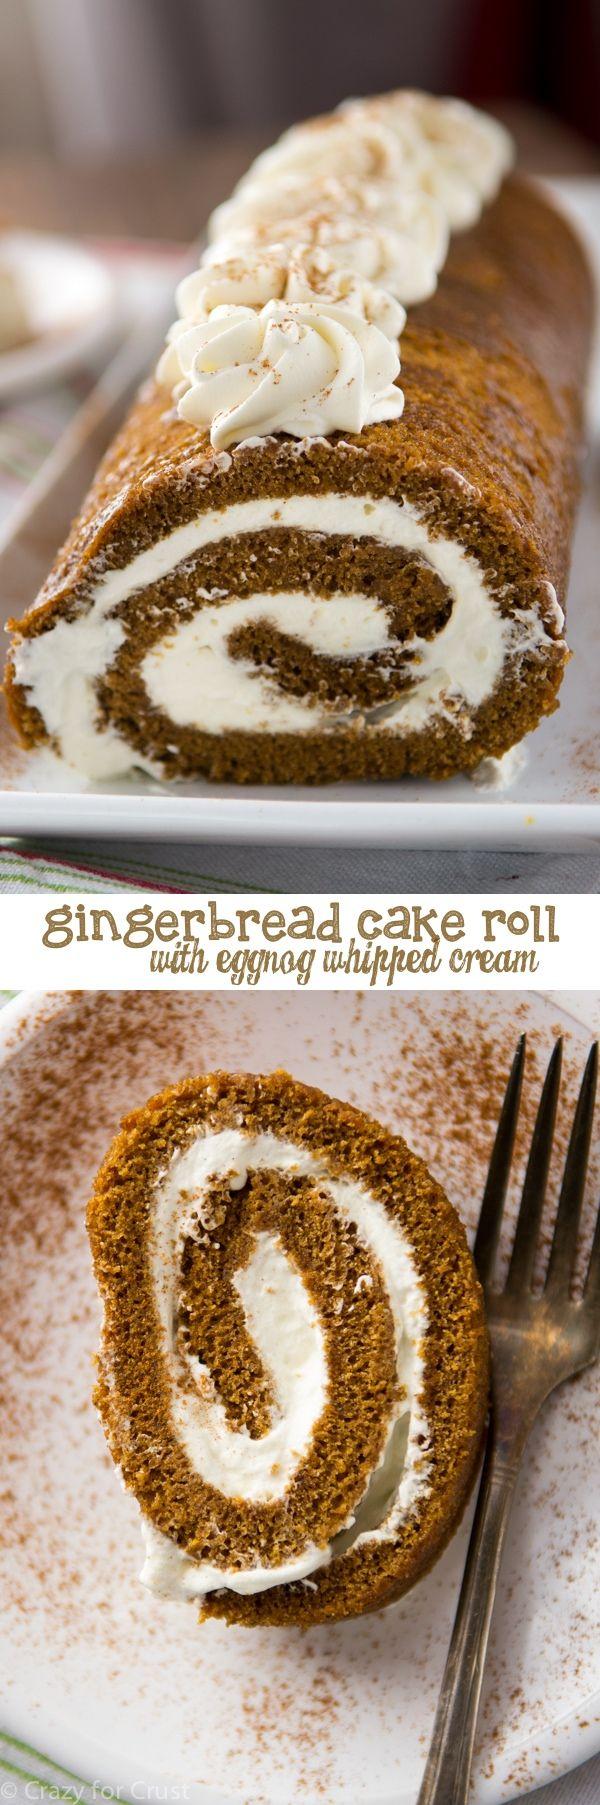 Best 25+ Gingerbread cake ideas on Pinterest | Best ...